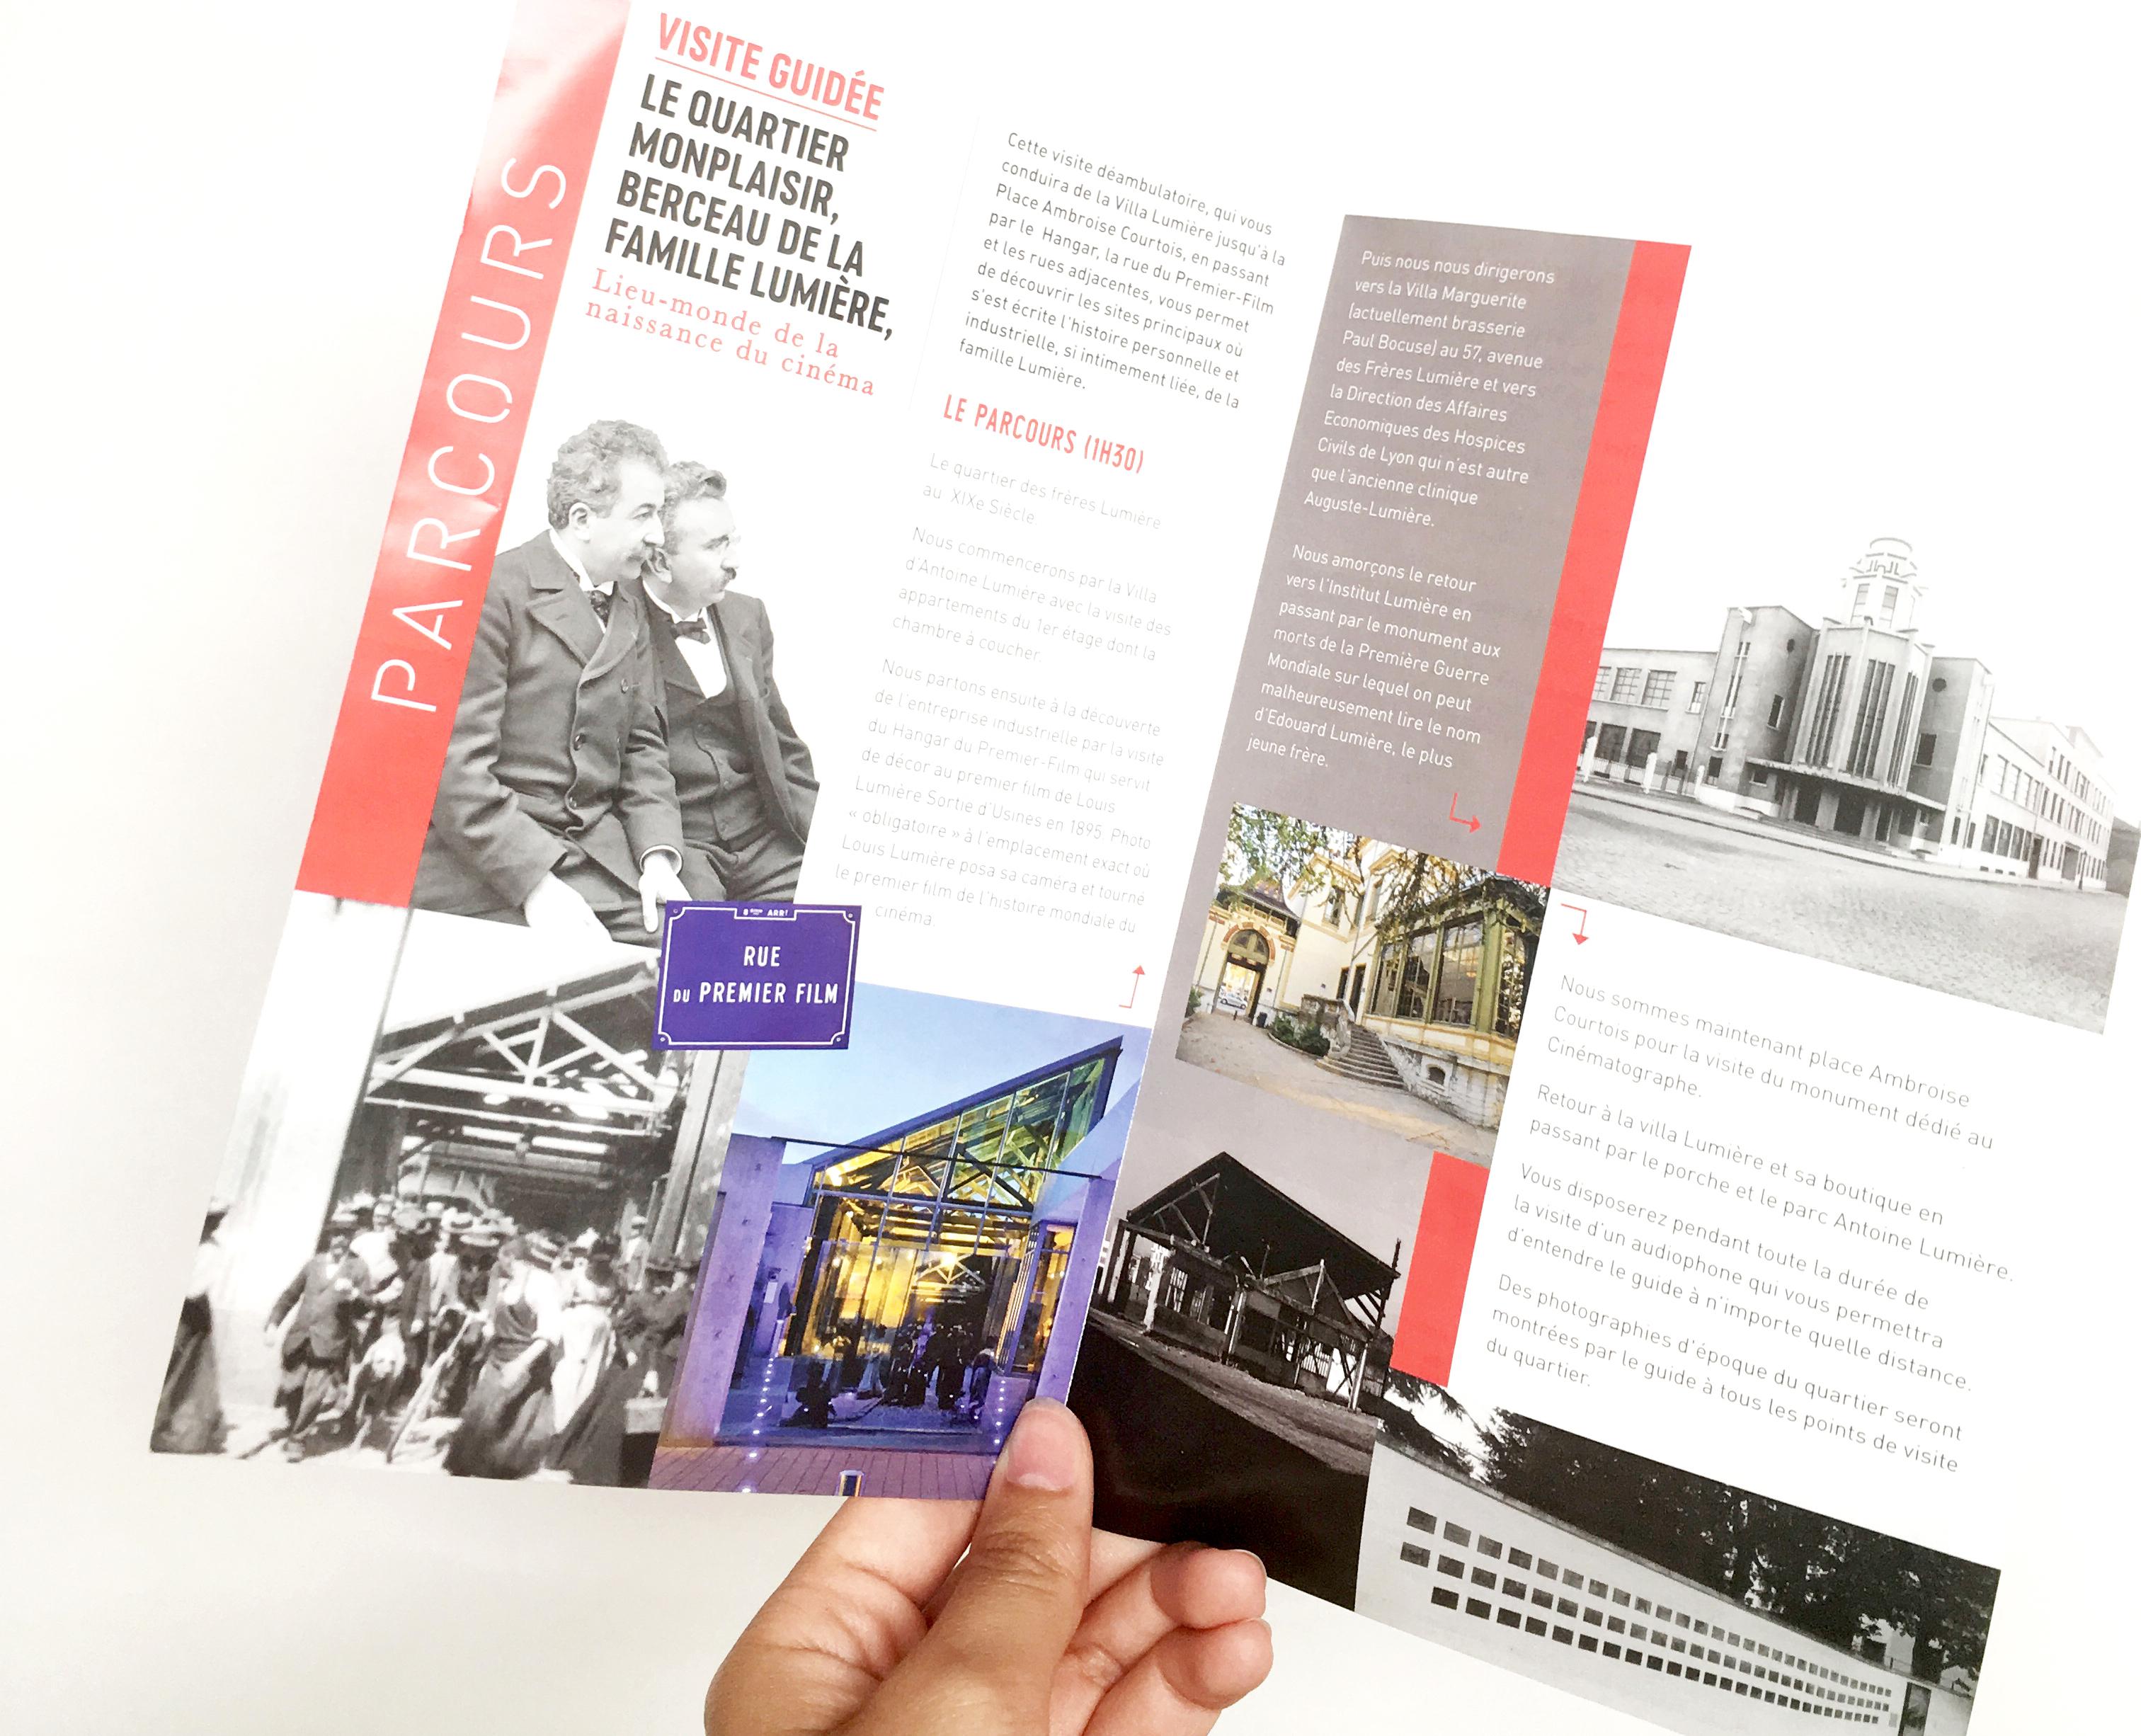 brochure, exposition, frères lumière, cinéma, art,